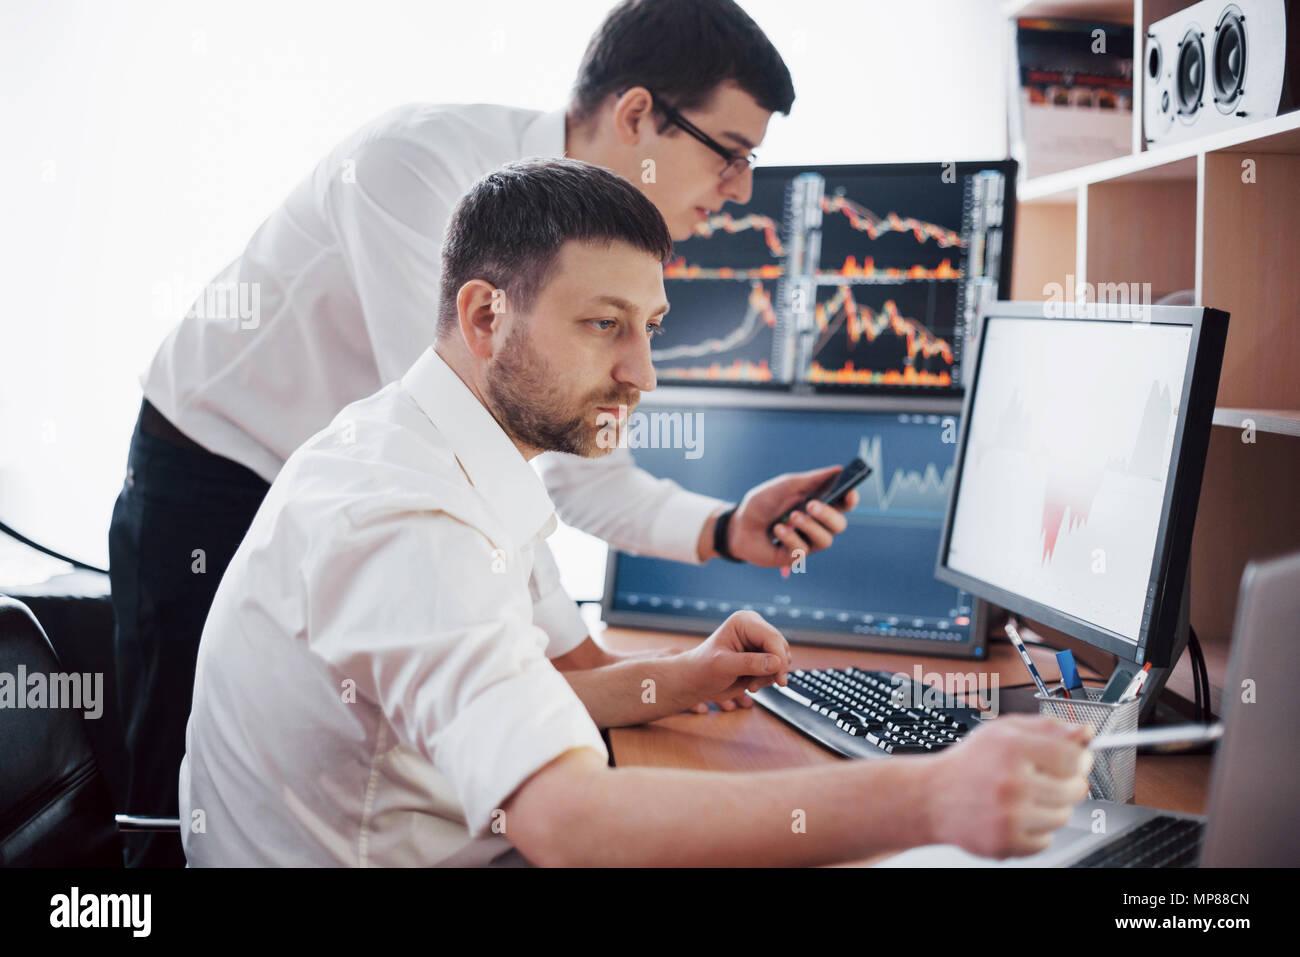 Las existencias comerciales de empresarios en línea. Corredores de Bolsa mirando gráficos, índices y números en varias pantallas de ordenador. Colegas de la discusión en los comerciantes office. Concepto de éxito empresarial Imagen De Stock